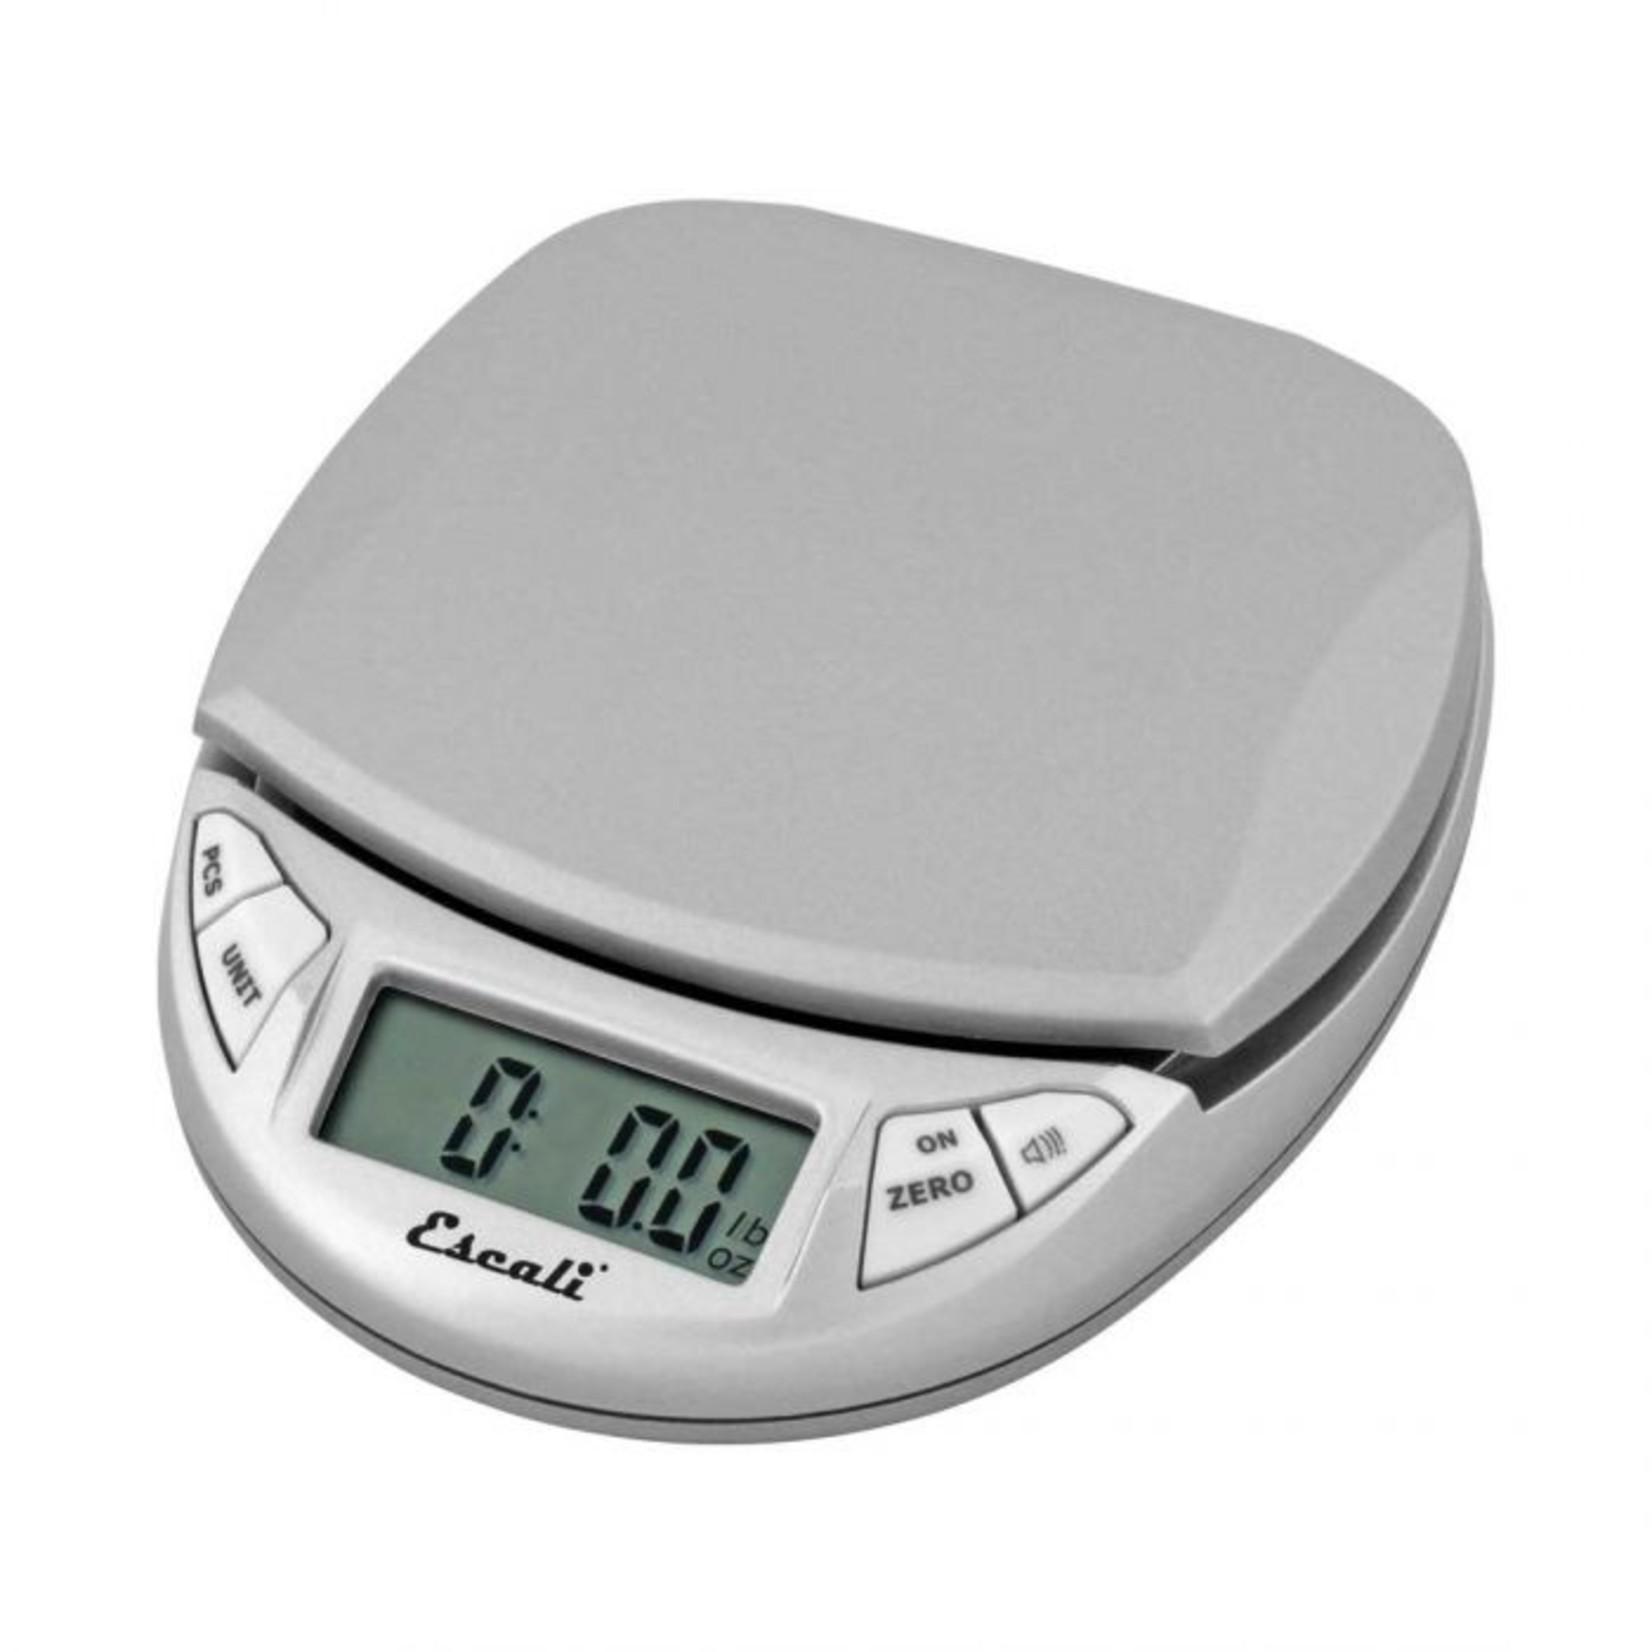 Escali Pico Mini Digital Scale